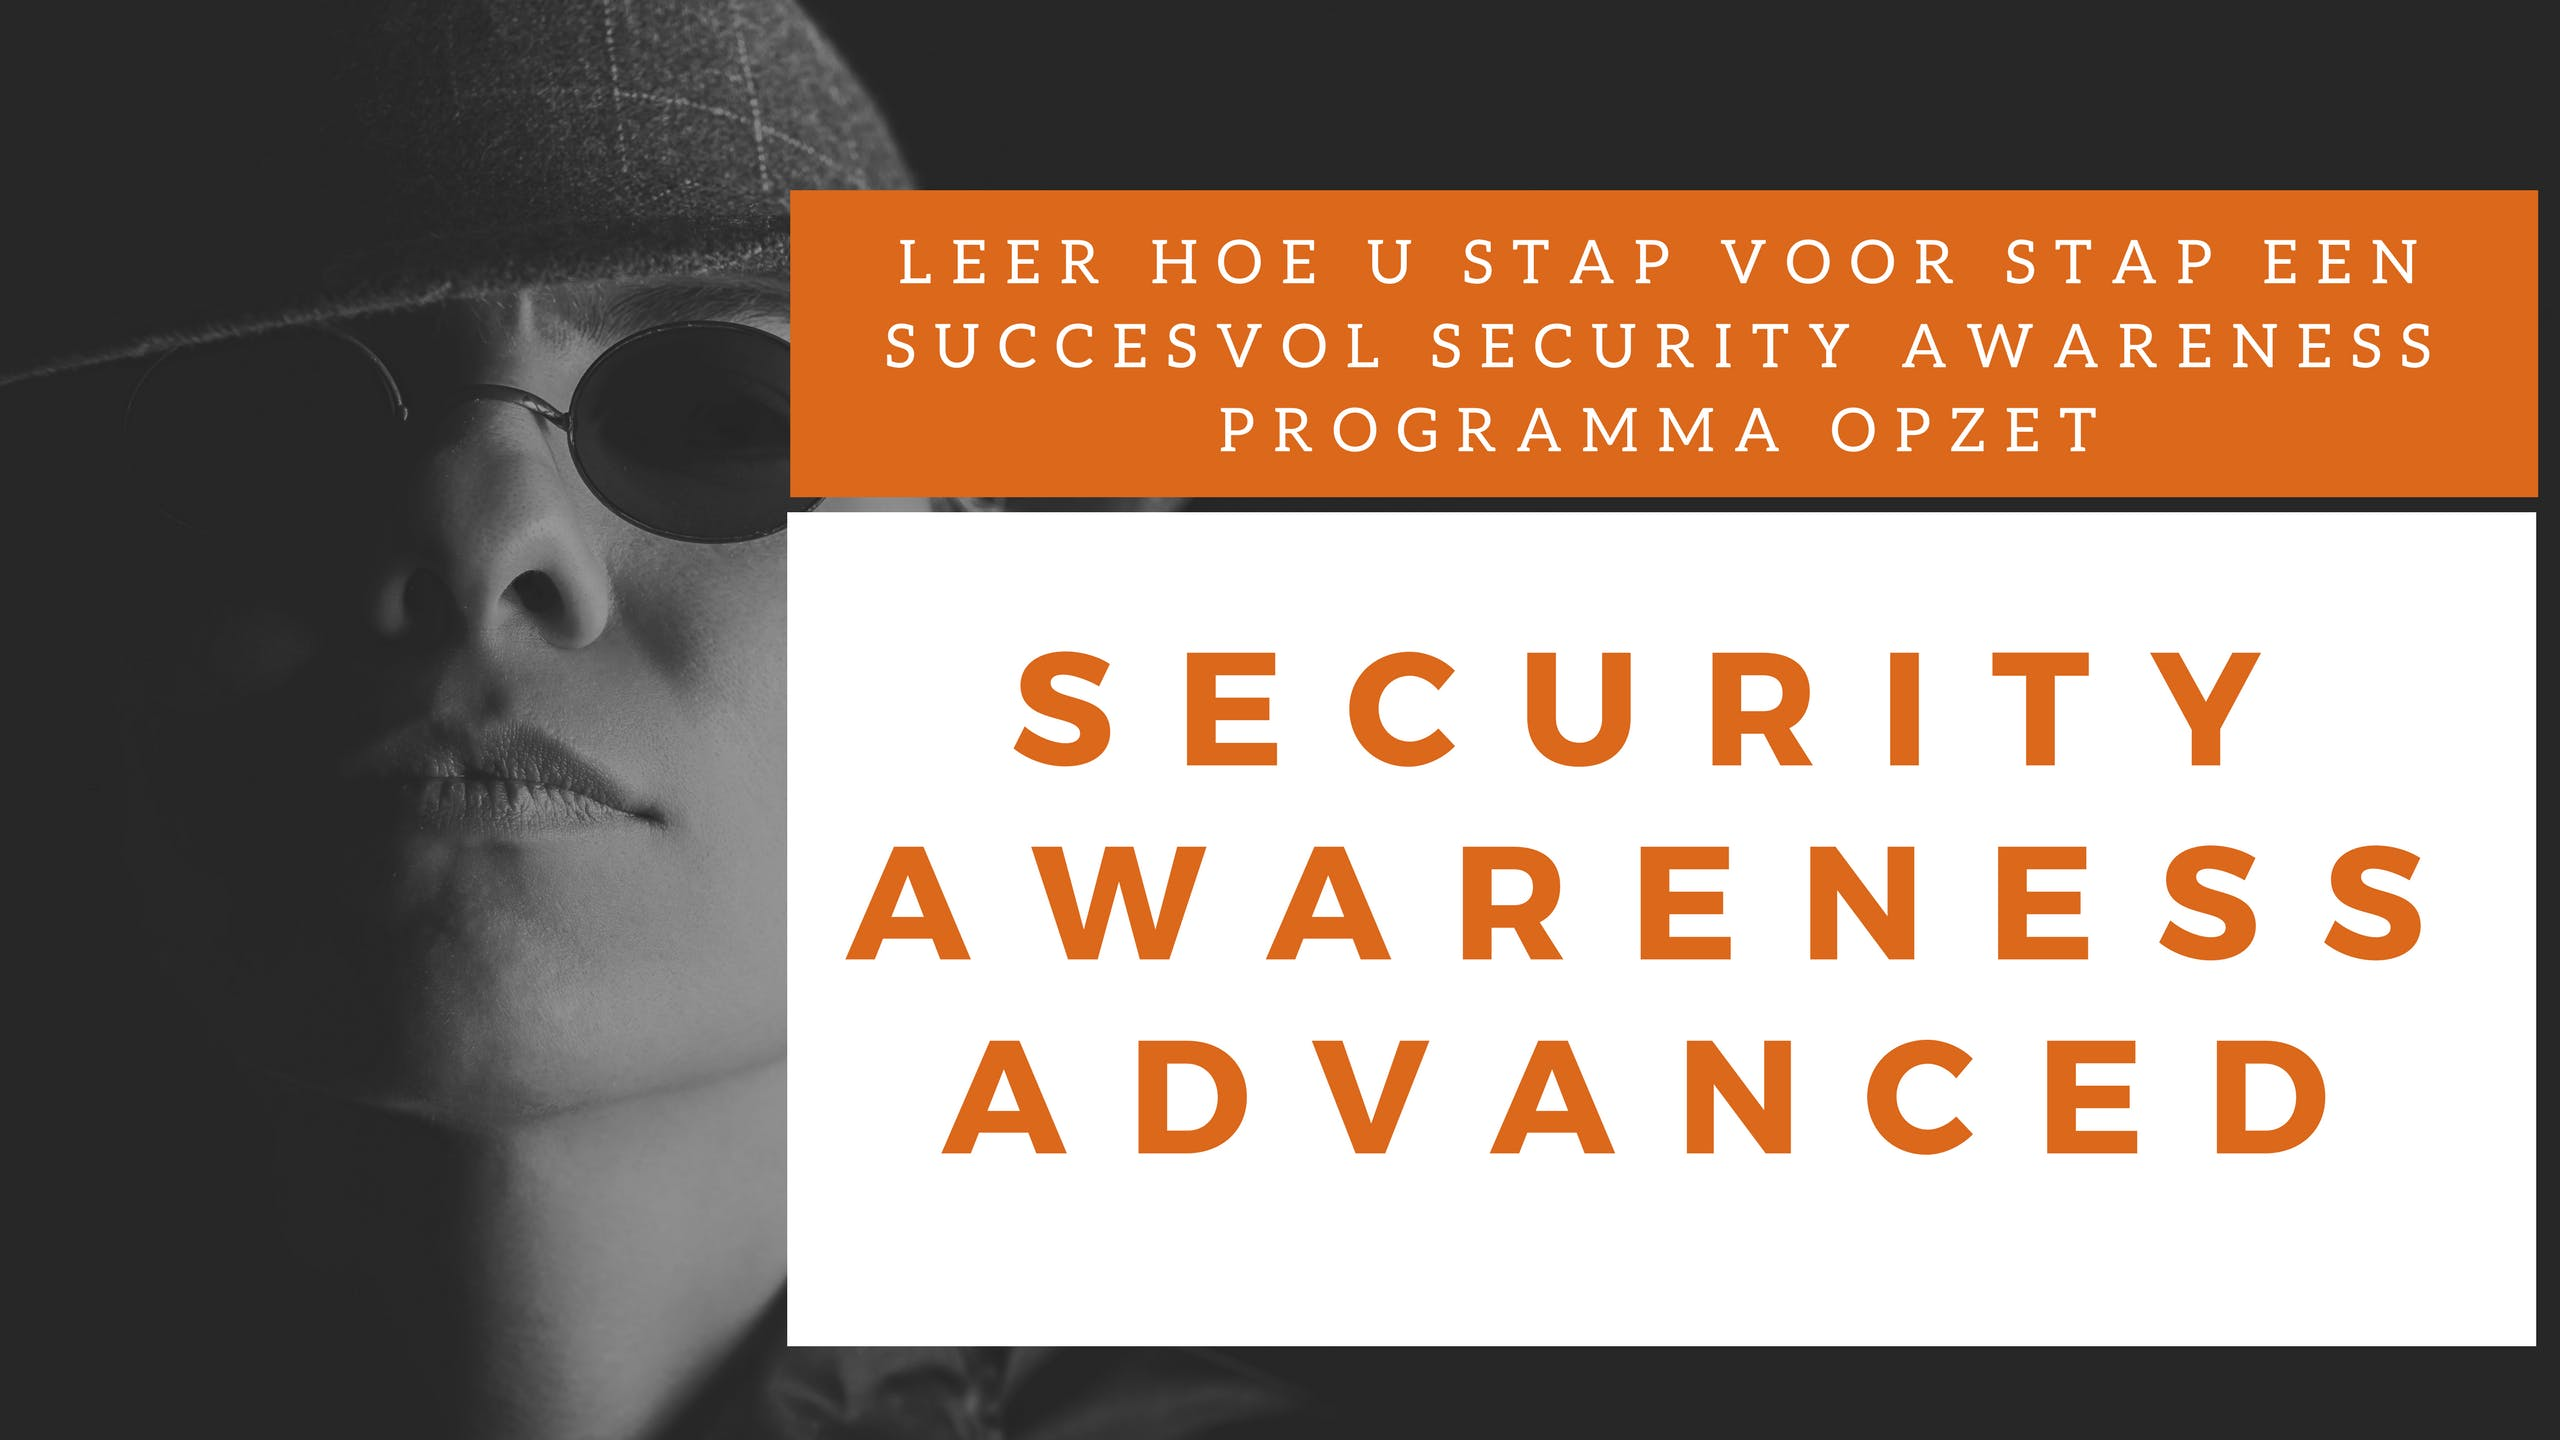 Security Awareness Advanced Klassikale Training (Nederlands)